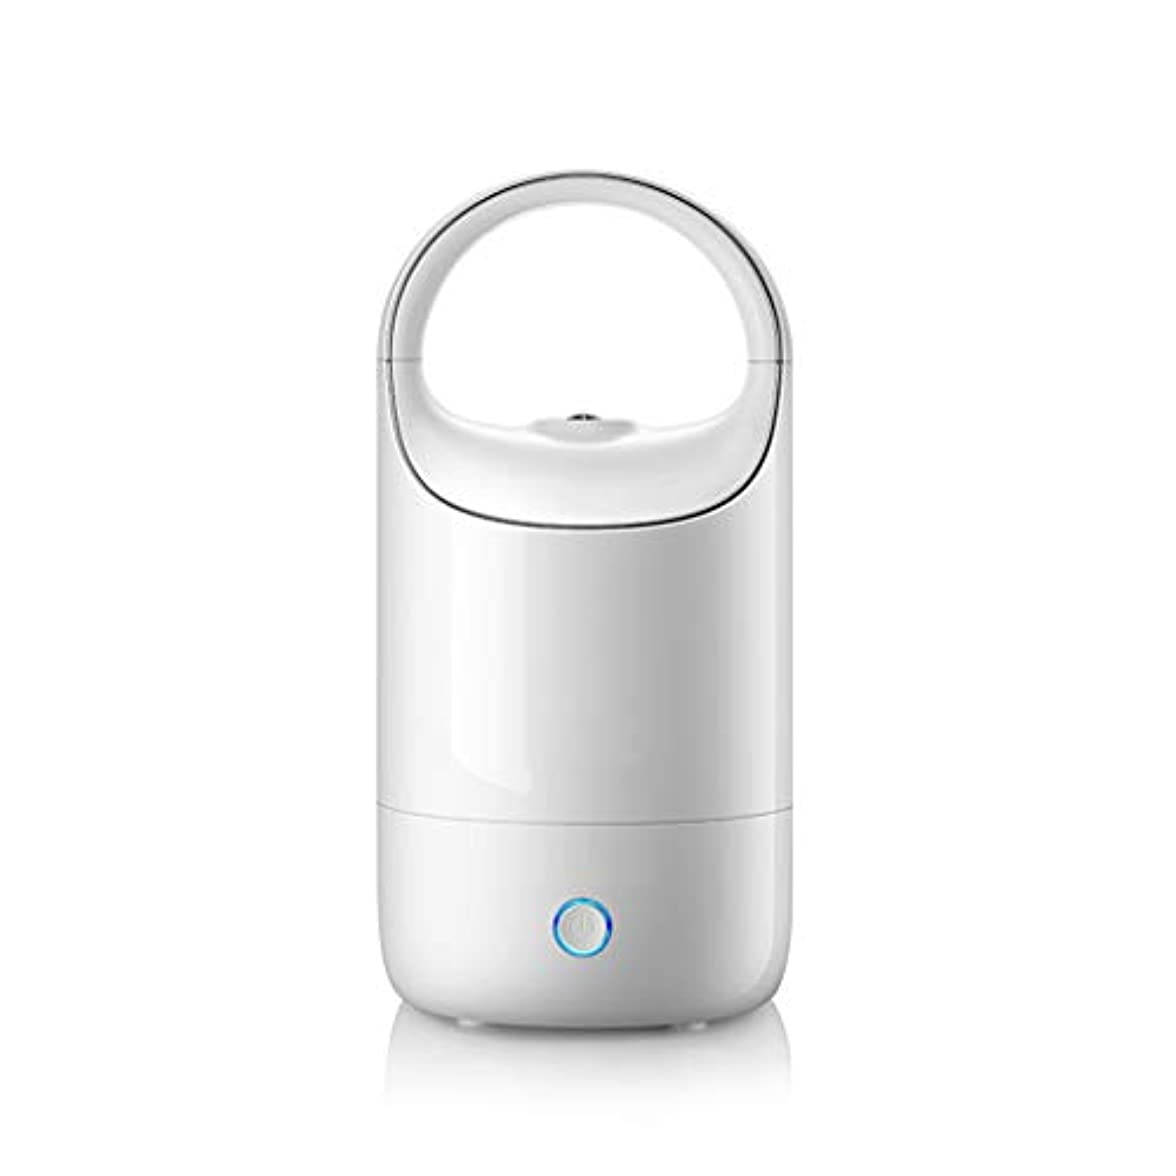 規制五十聴く空気加湿器ホームサイレント寝室妊婦赤ちゃん空気霧大容量ディフューザー (Color : White)